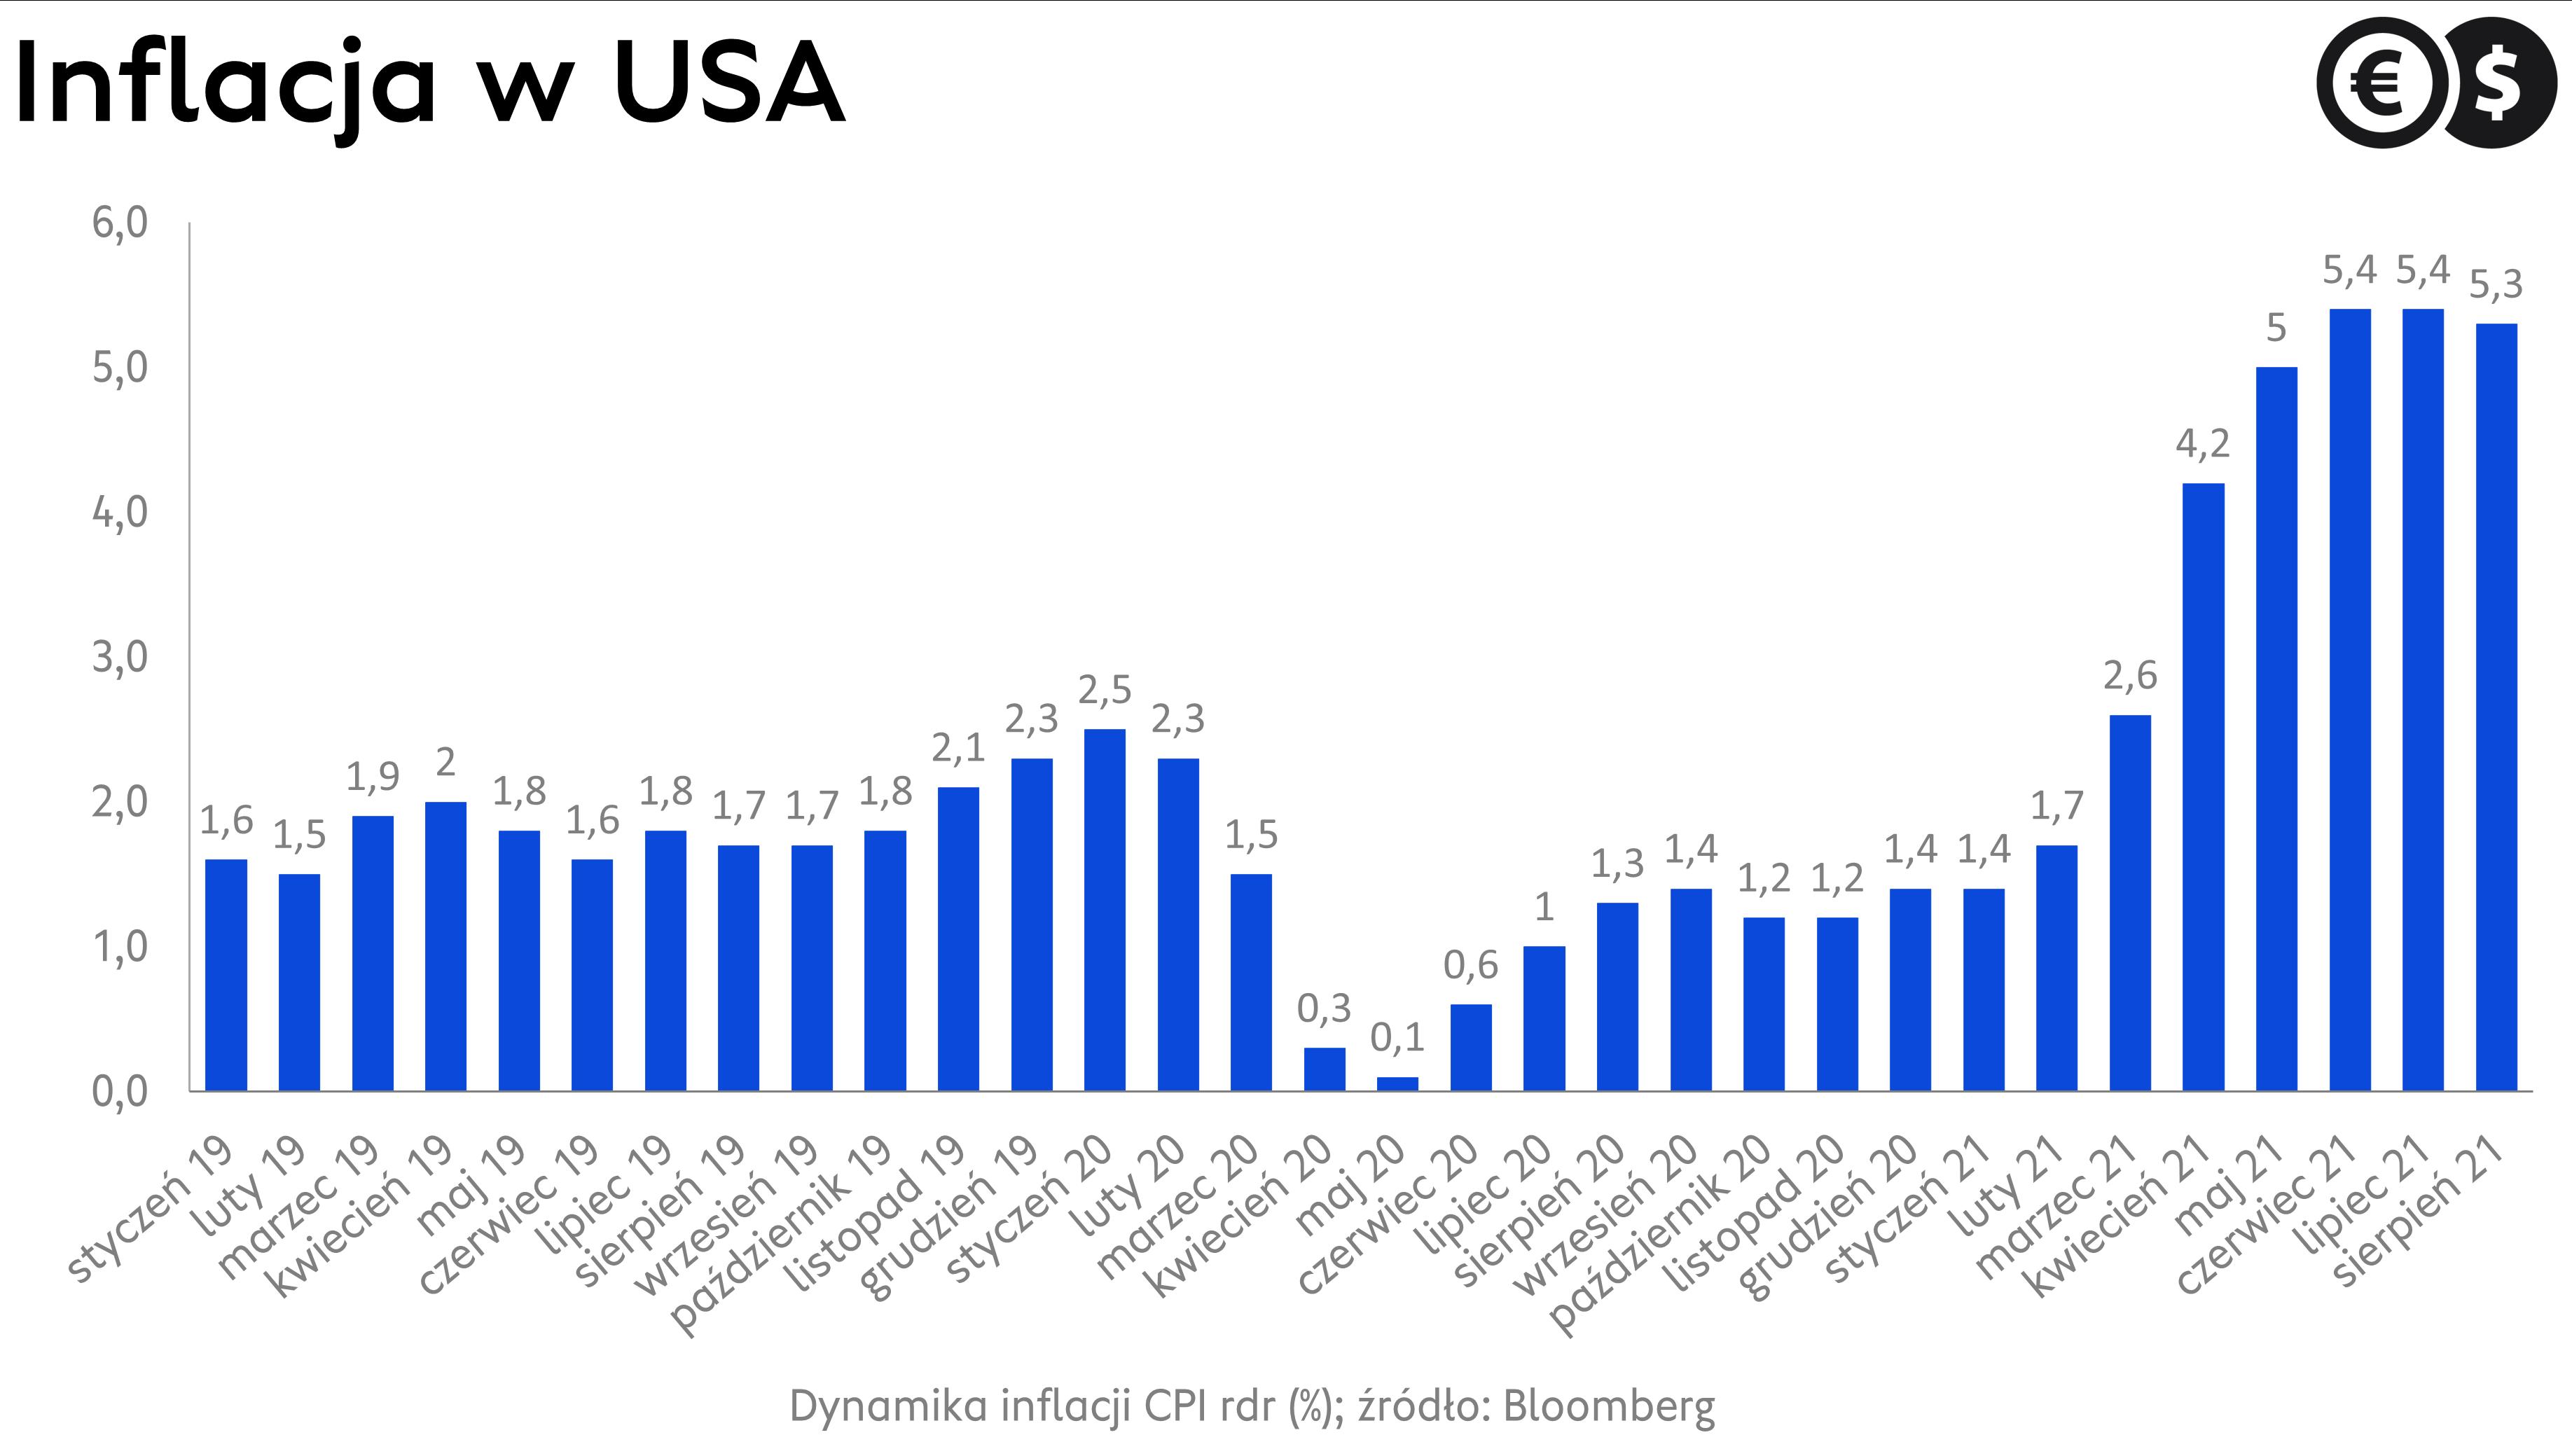 Dynamika inflacji w USA, źródło: Bloomberg